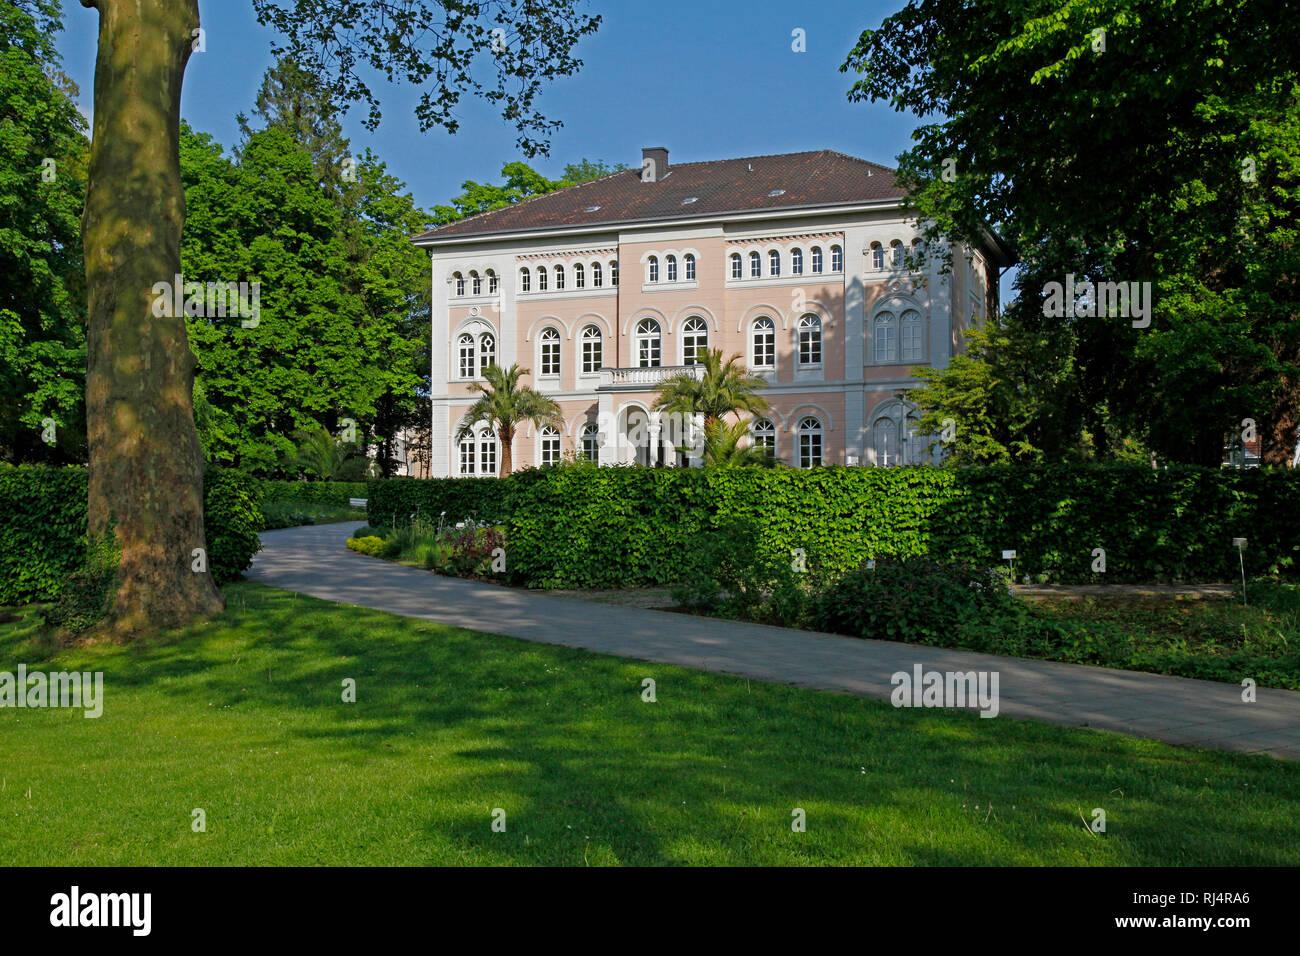 Deutschland, Nordrhein-Westfalen, Bad Lippspringe, Ldkrs. Paderborn, Arminiuspark, - Stock Image